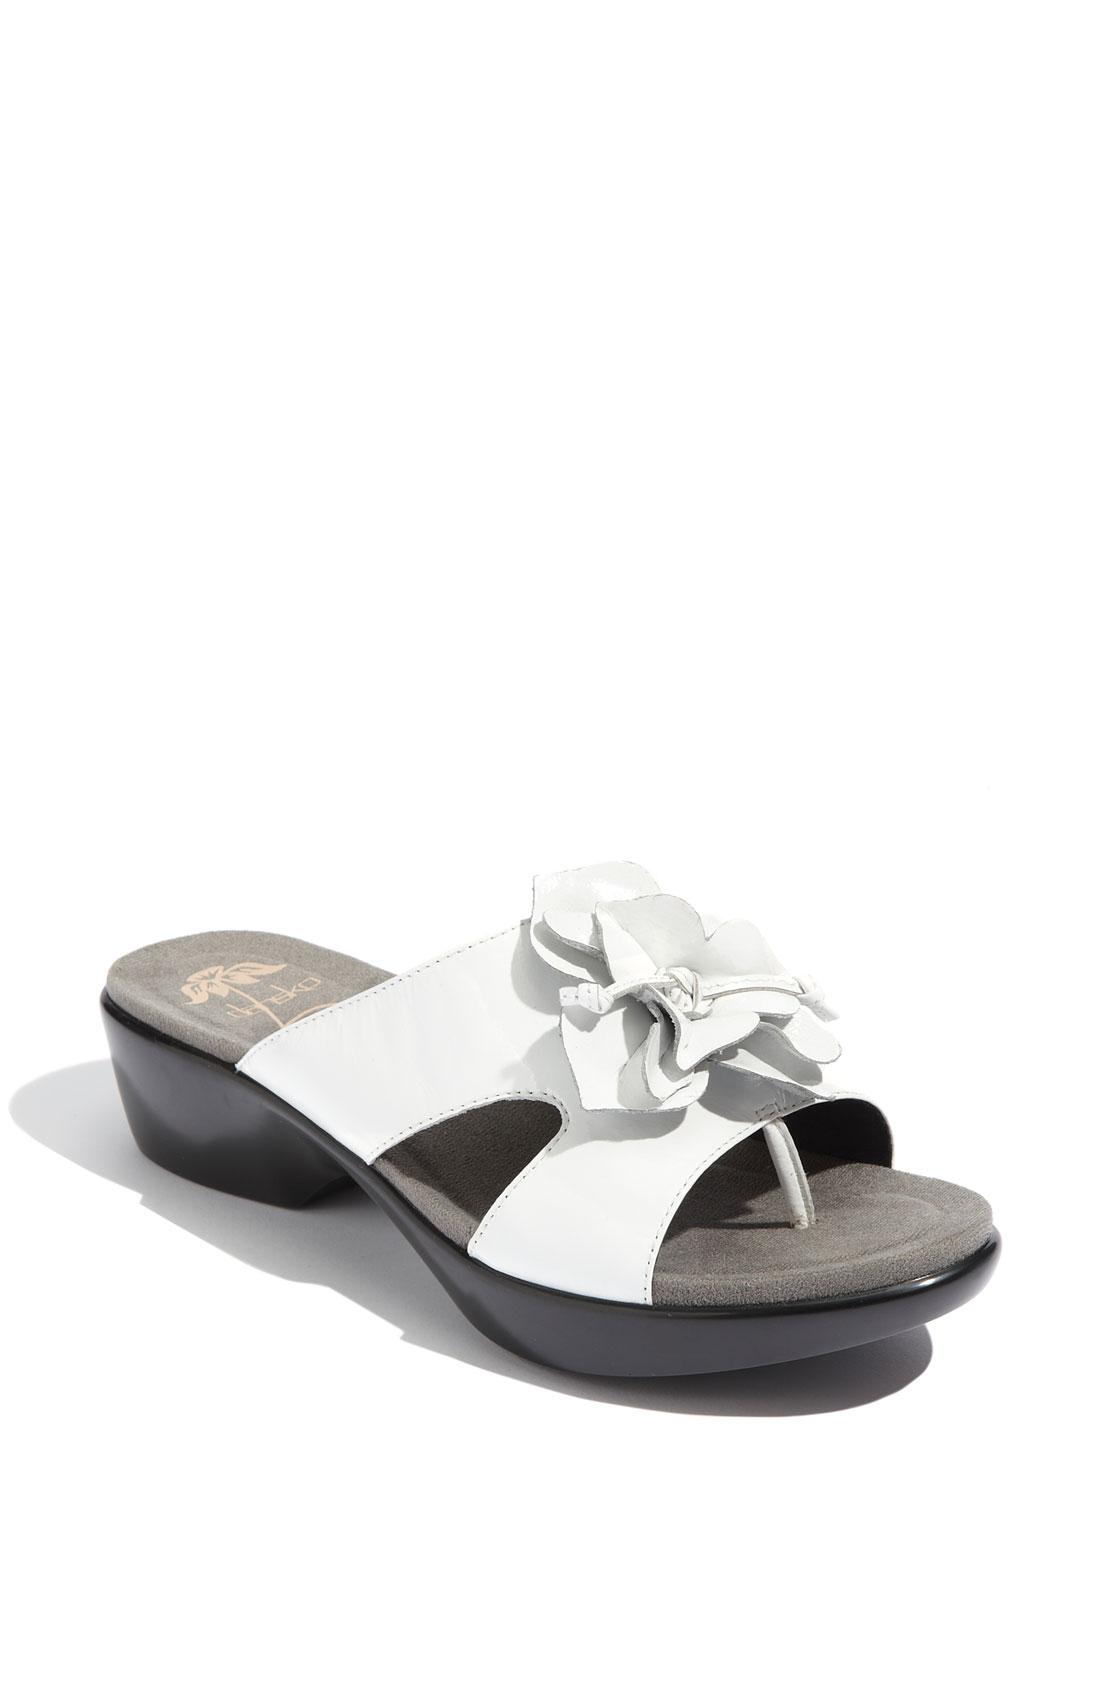 Dansko Dahlia Clog Sandal In White White Patent Lyst